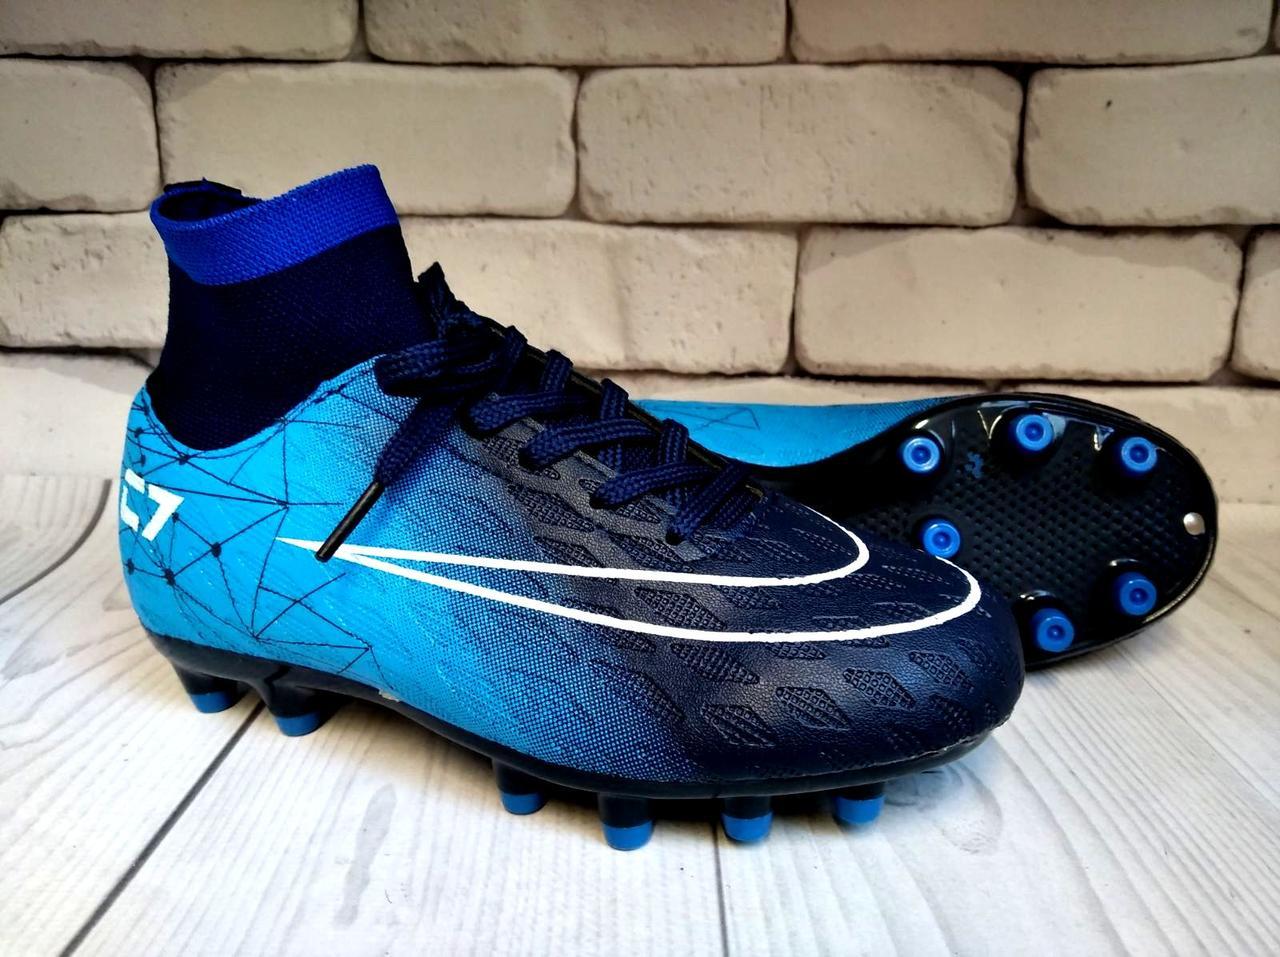 Футбольні бутсы з шкарпеткою синьо голубі Caroc 32-34 р